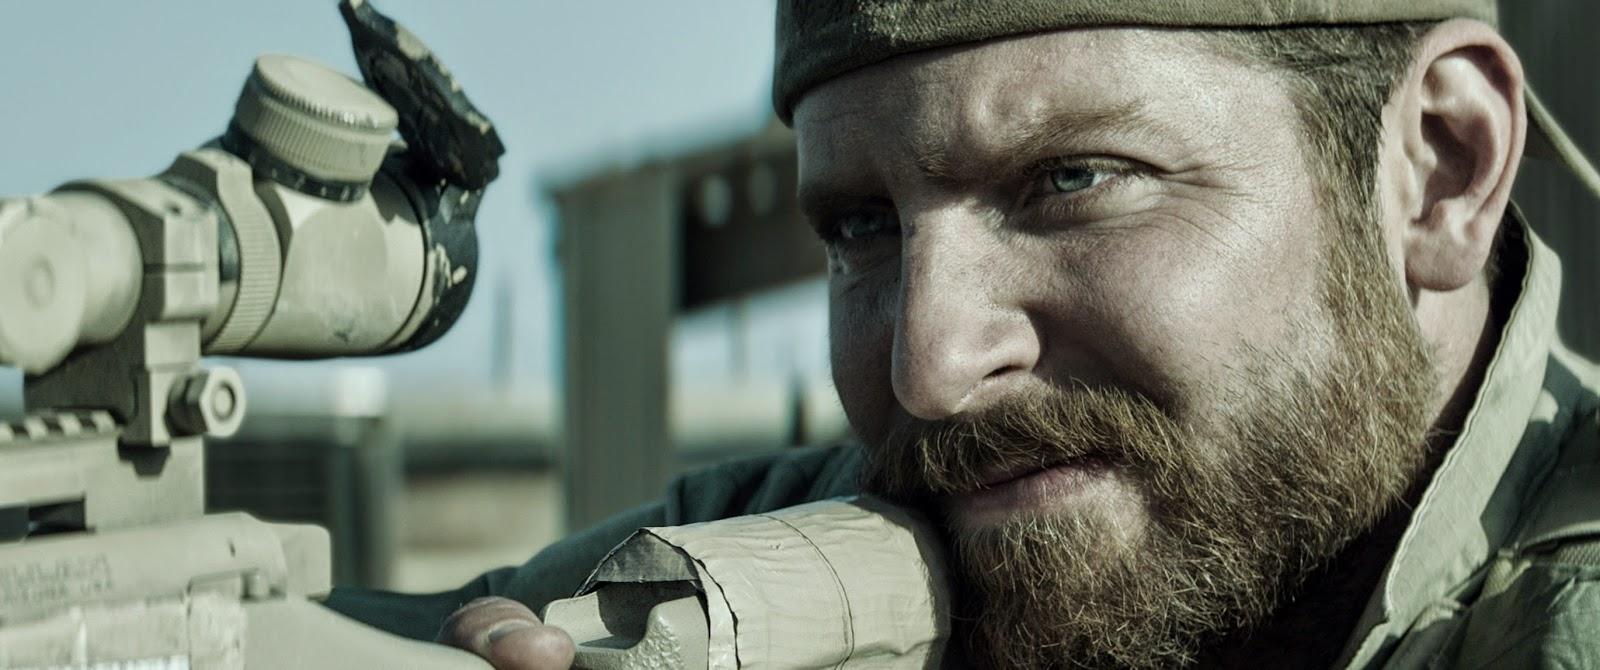 'American Sniper' sbanca al box office negli USA